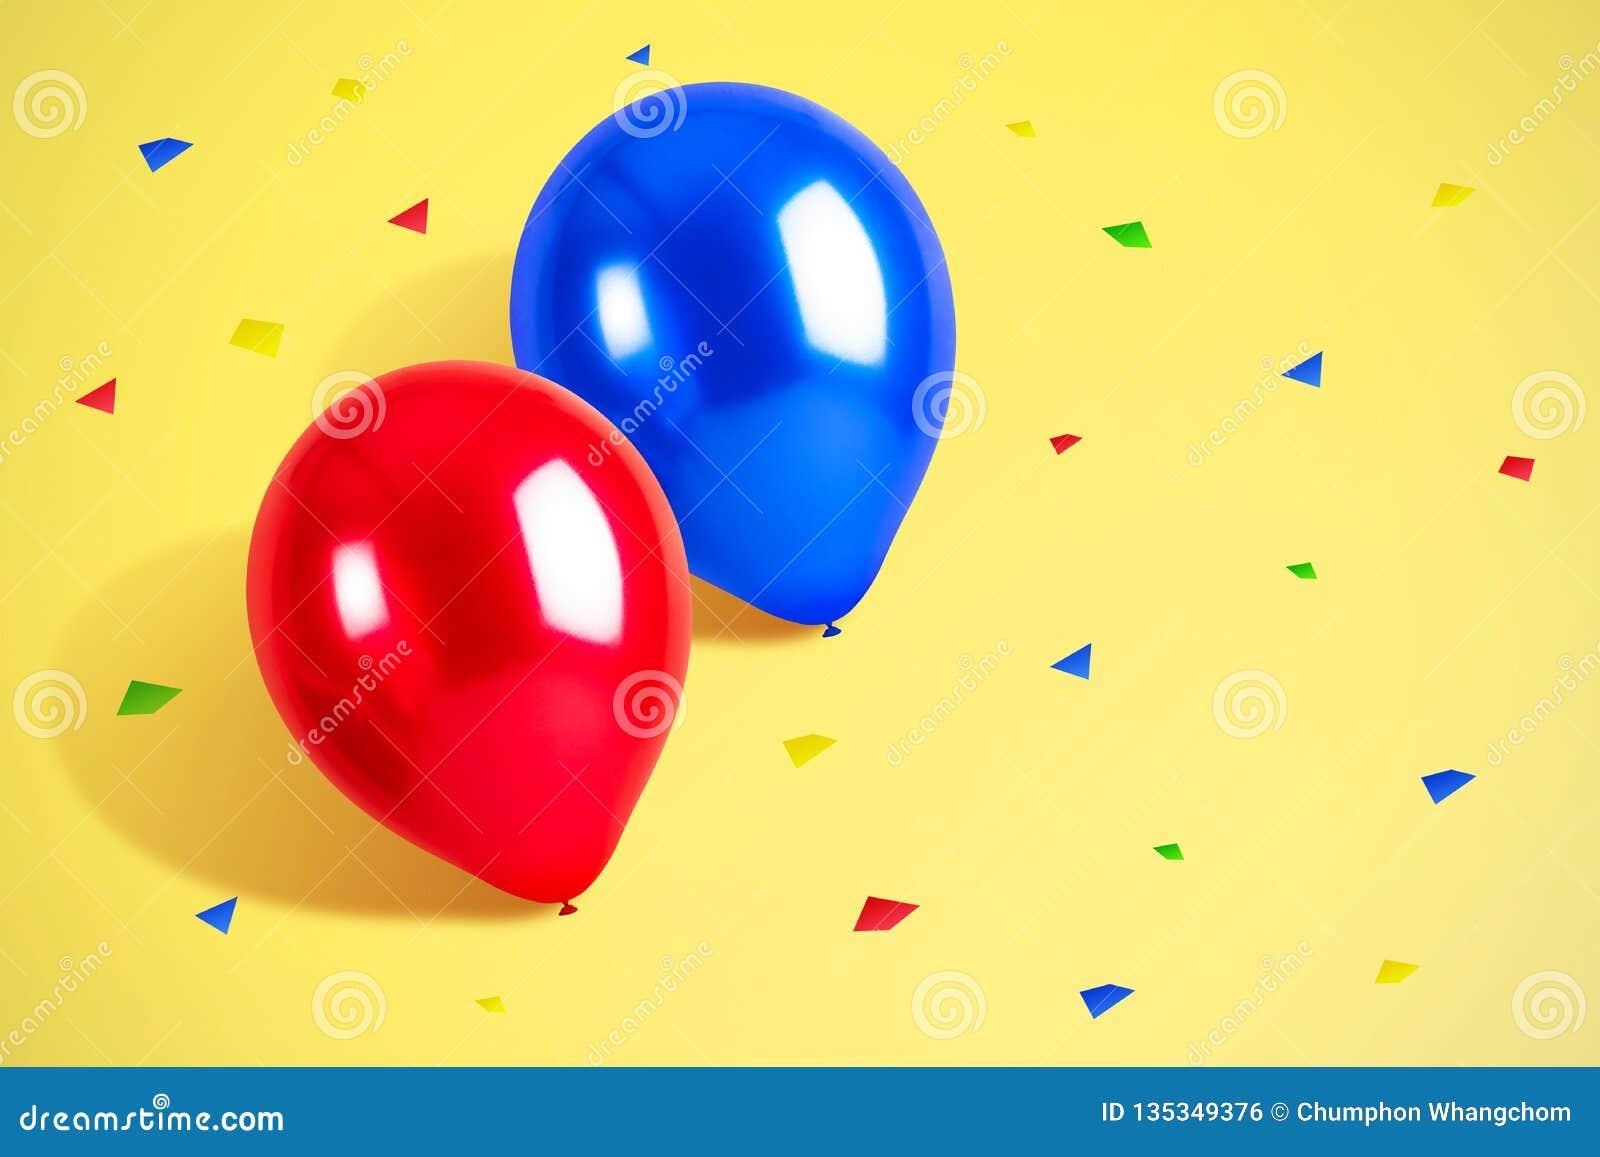 五颜六色的气球有五彩纸屑背景 在当事人丝绸二白色的香槟装饰装饰空的玻璃